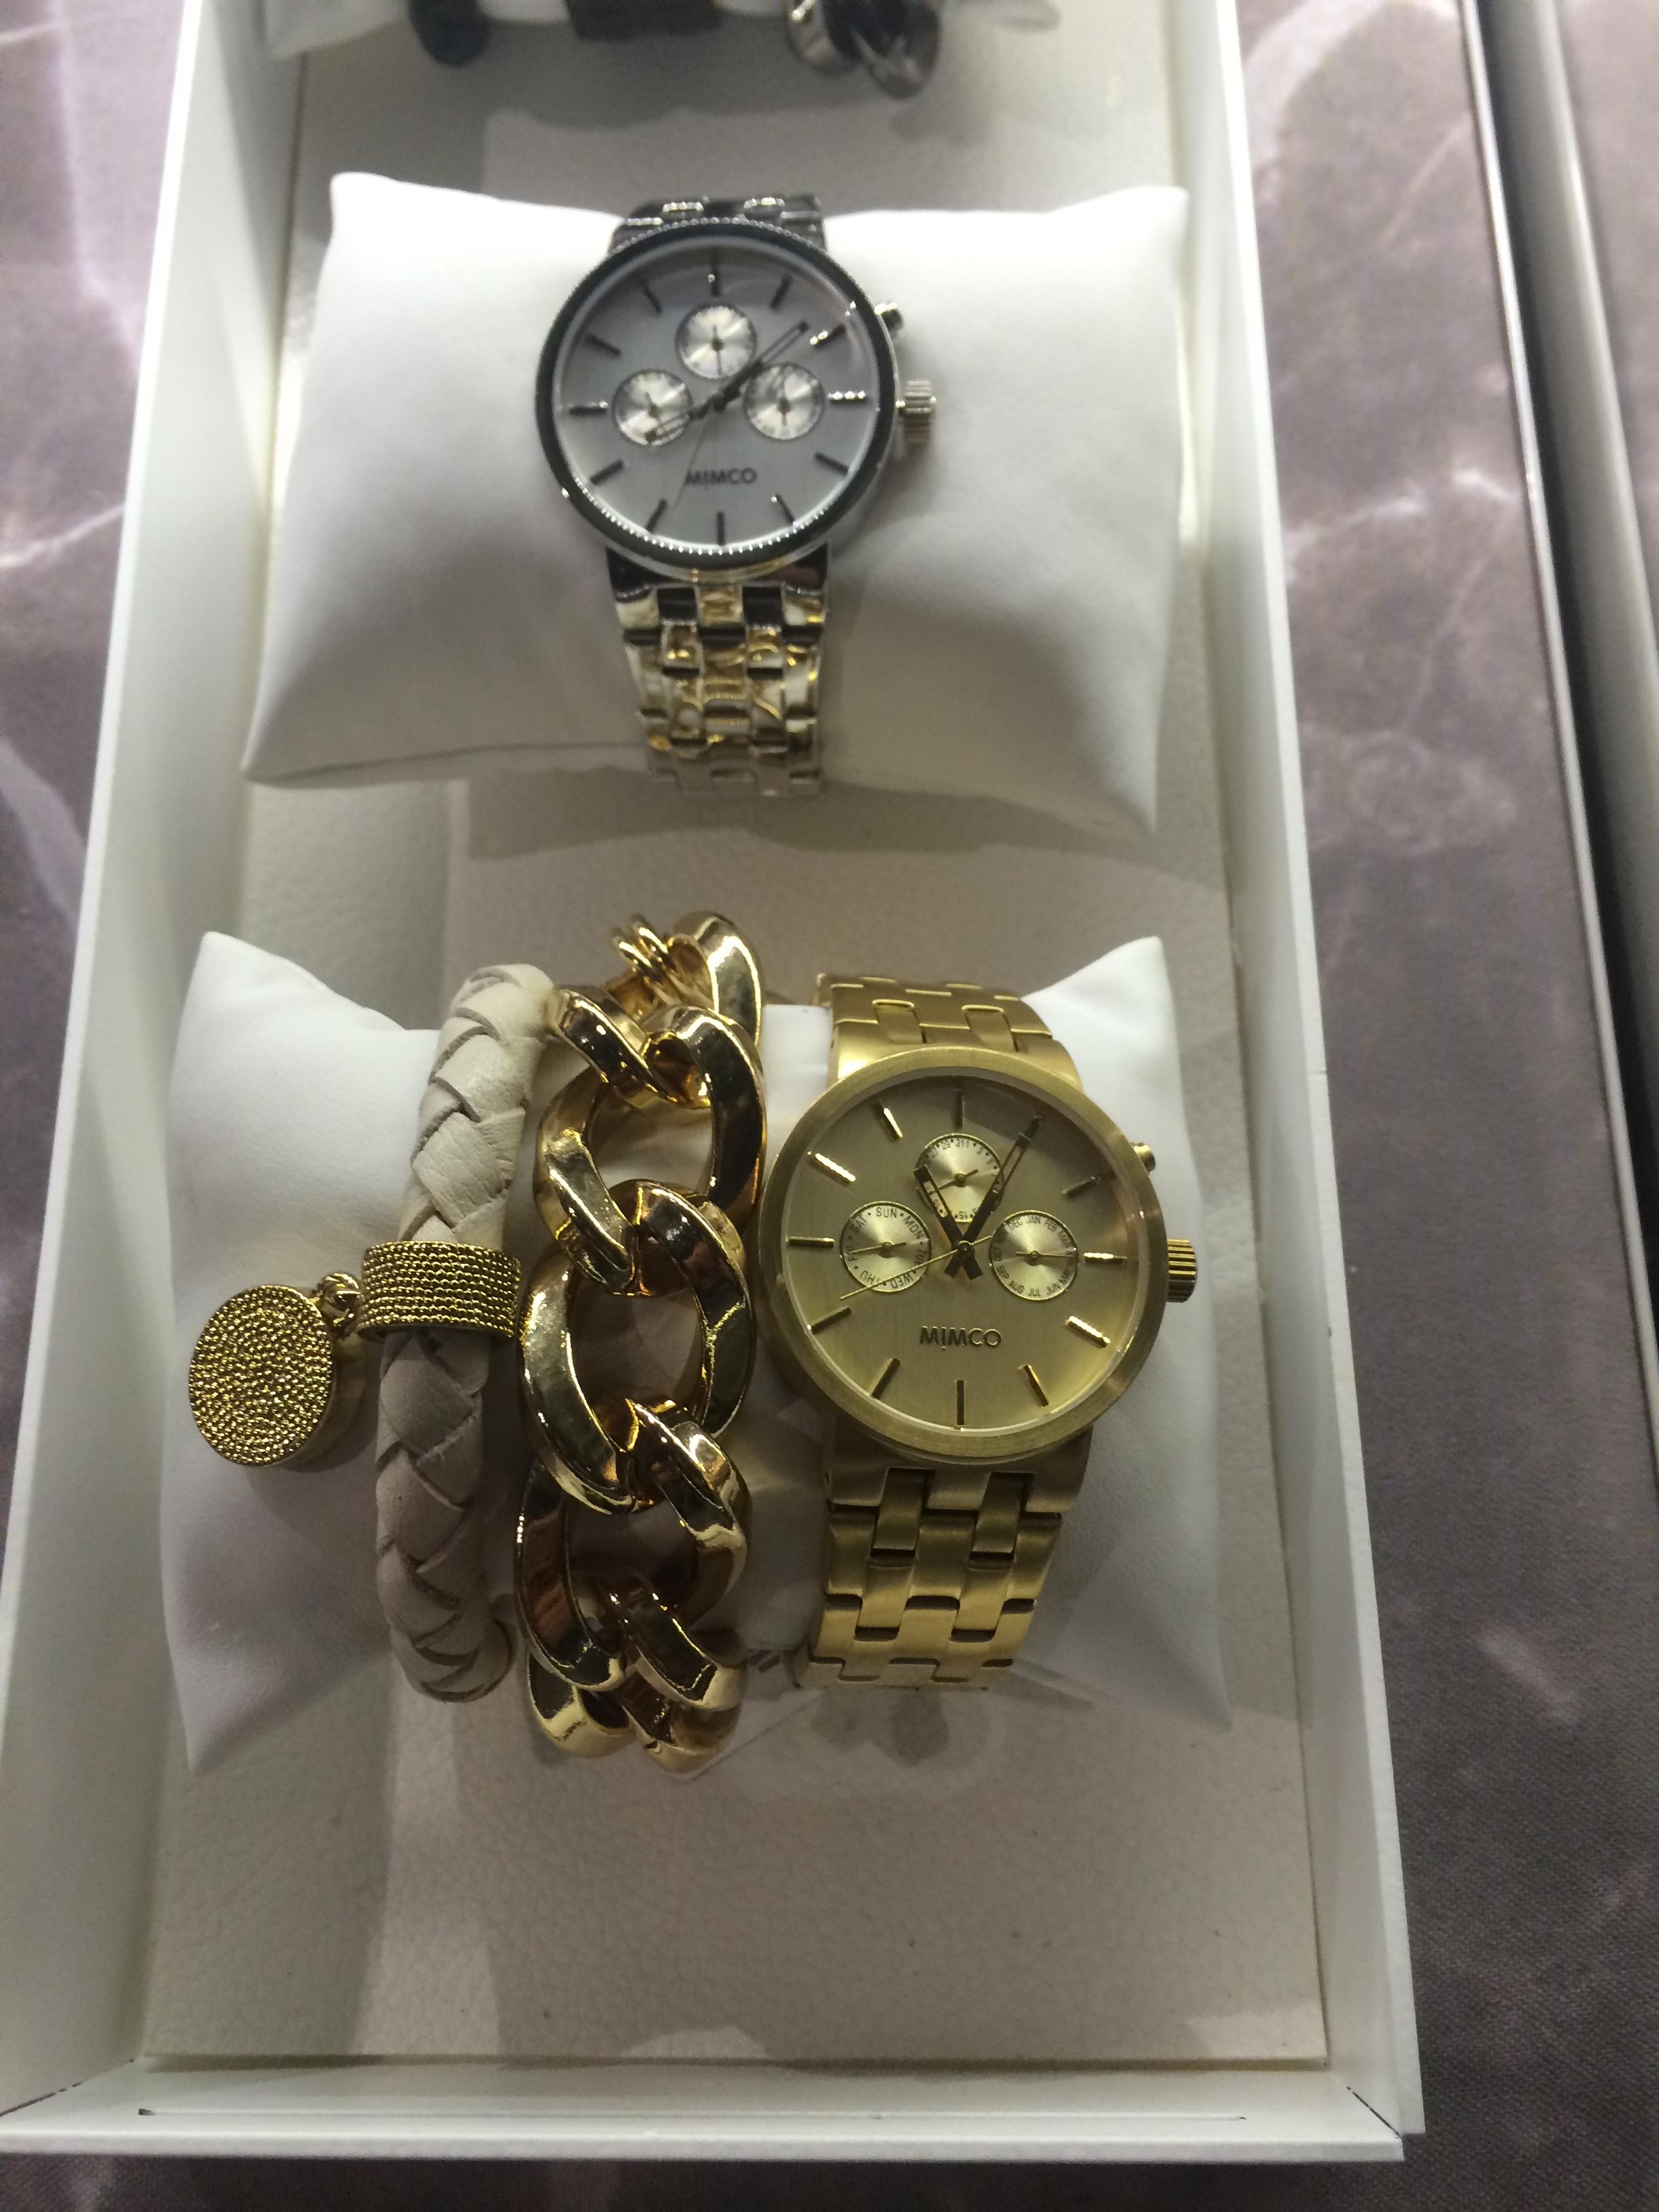 Mimco timepieces